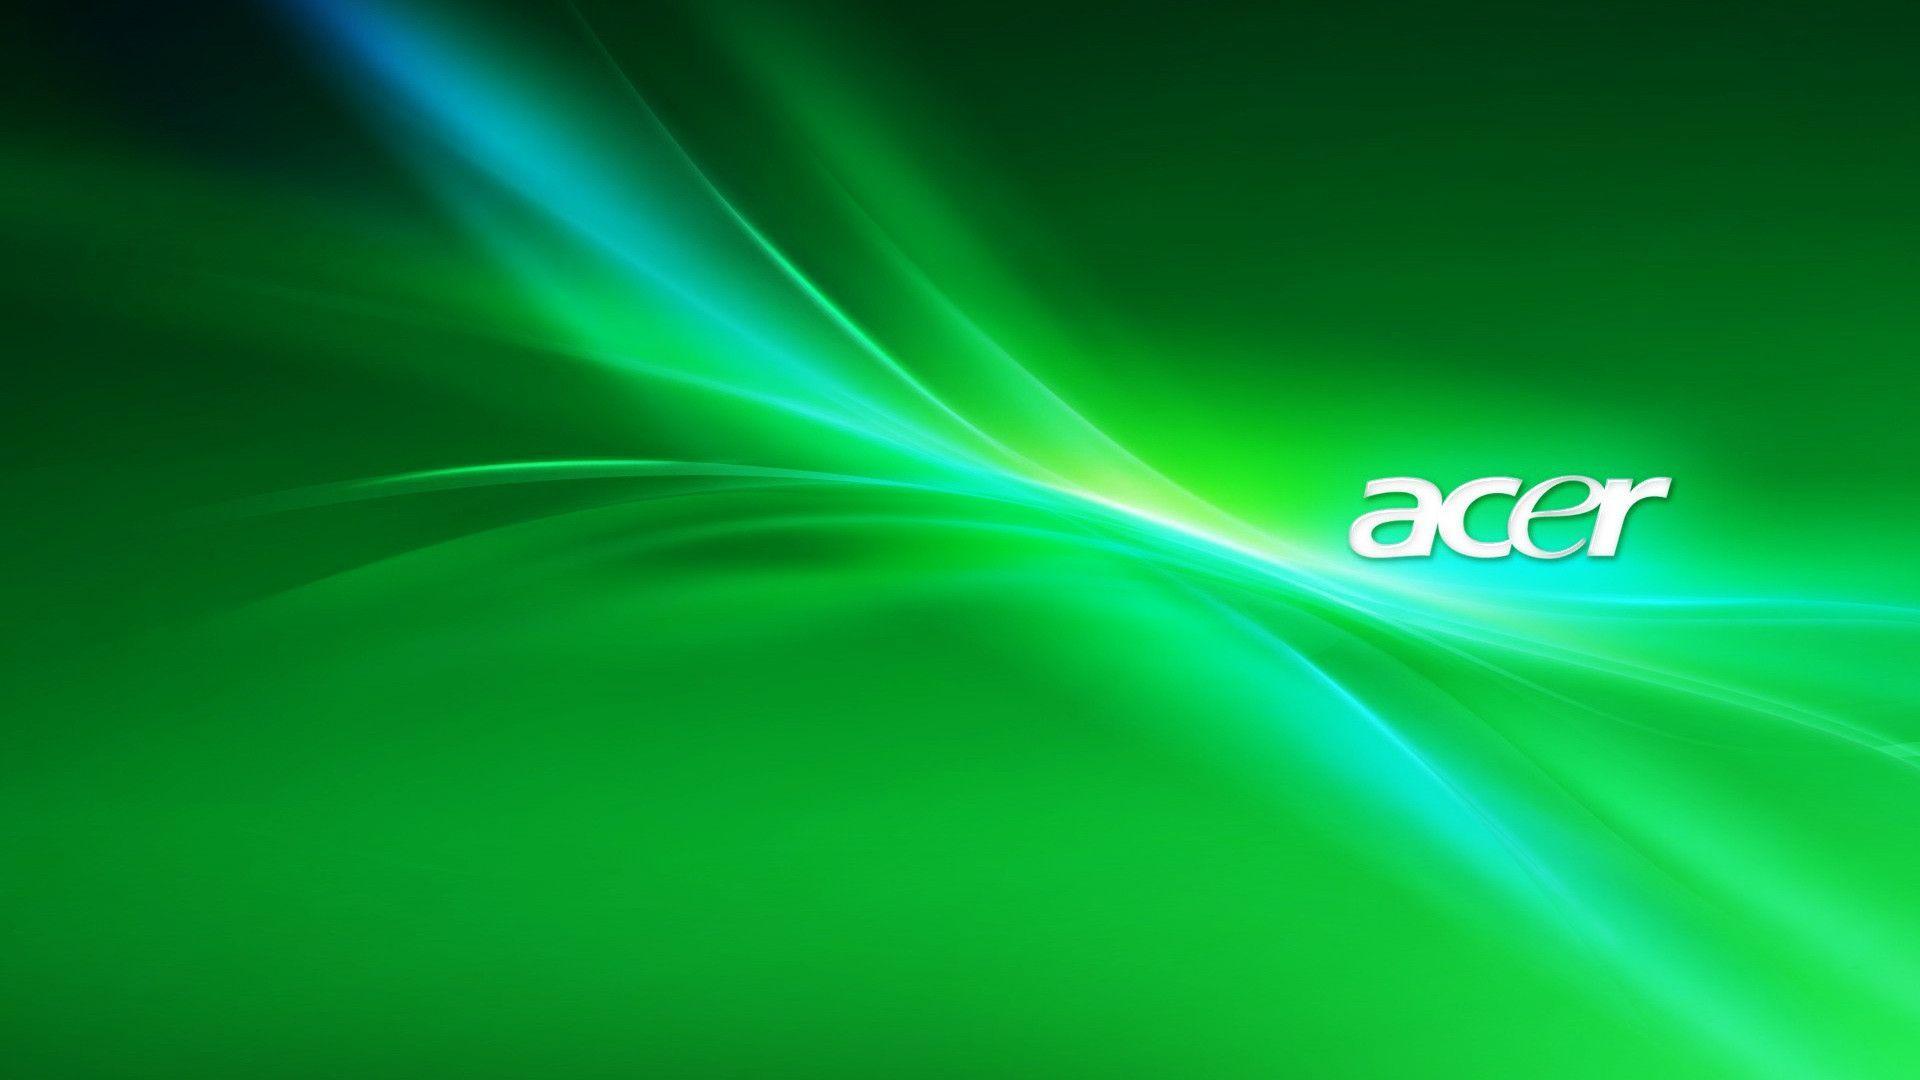 Top Acer Wallpaper